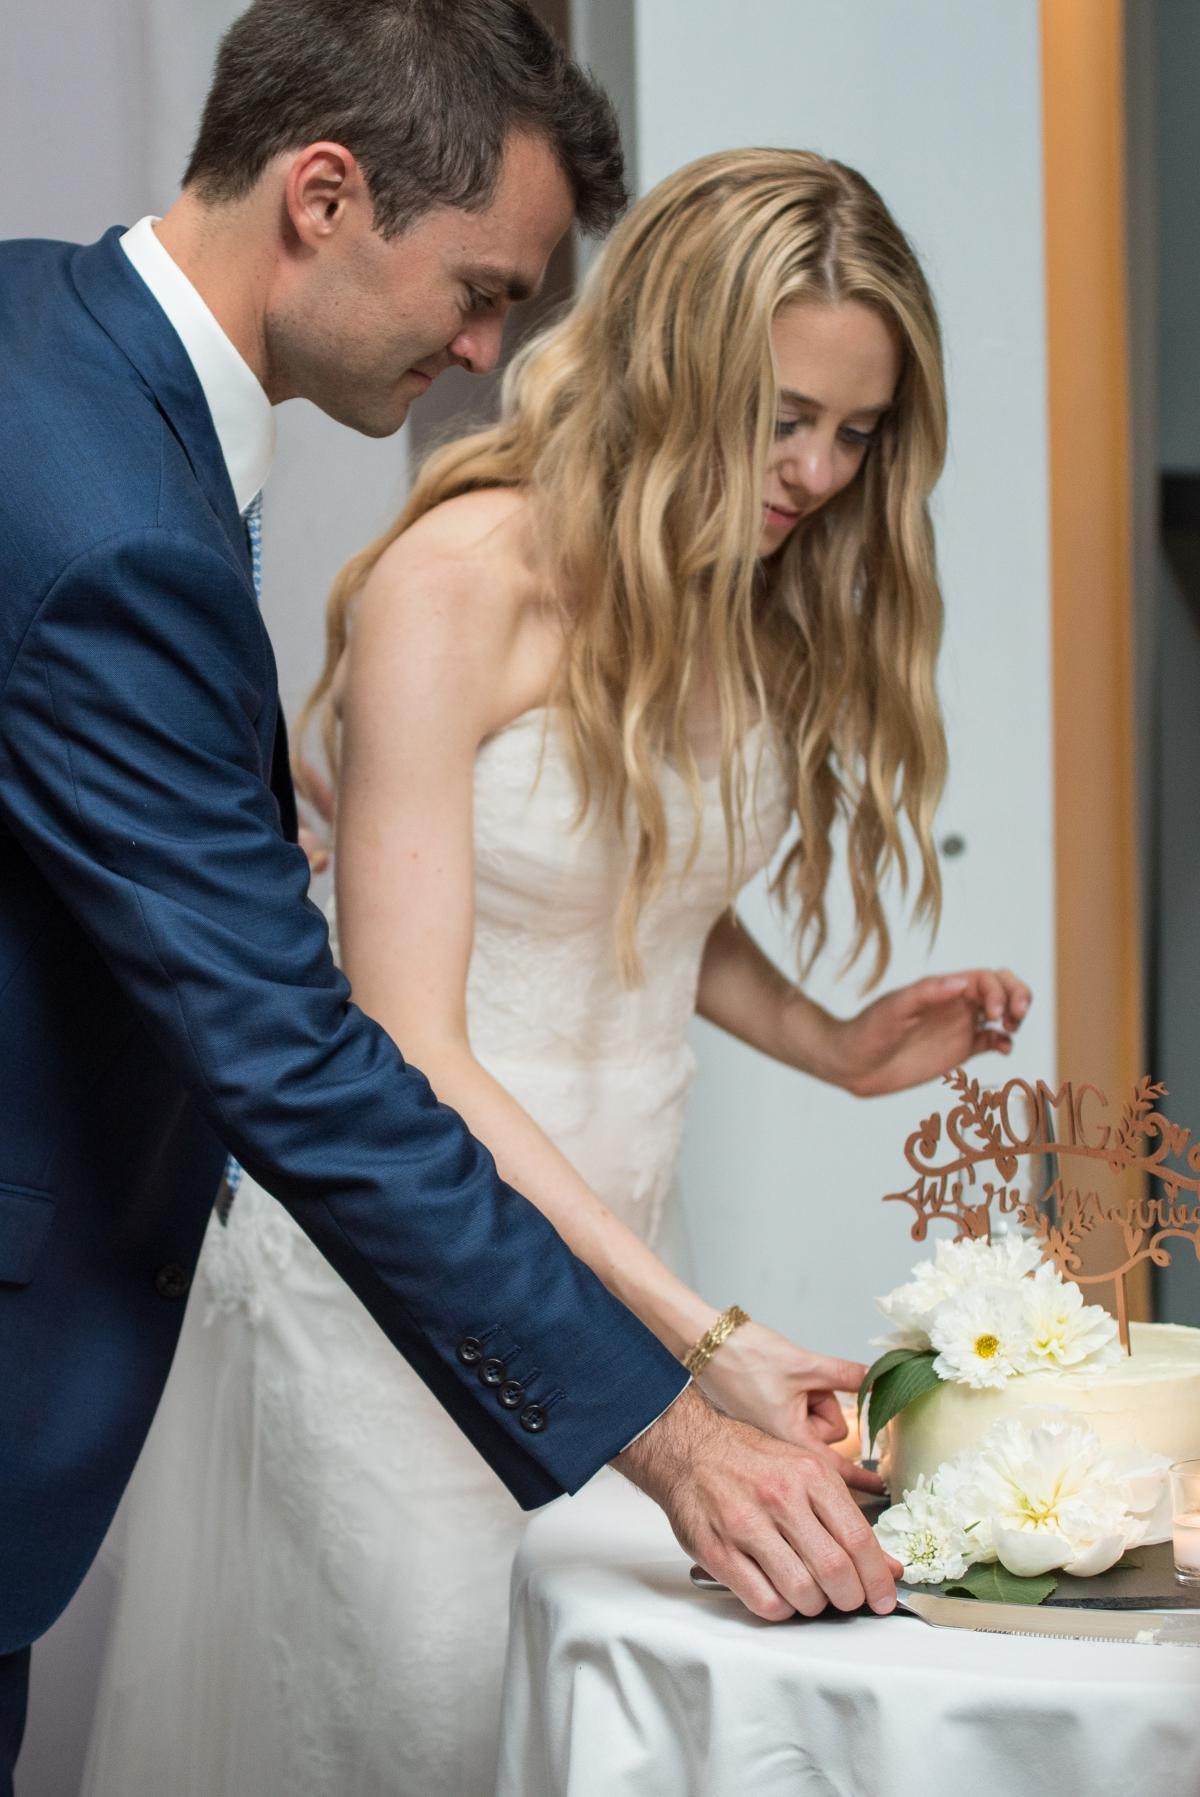 Ocean Gateway Wedding Cake Cutting